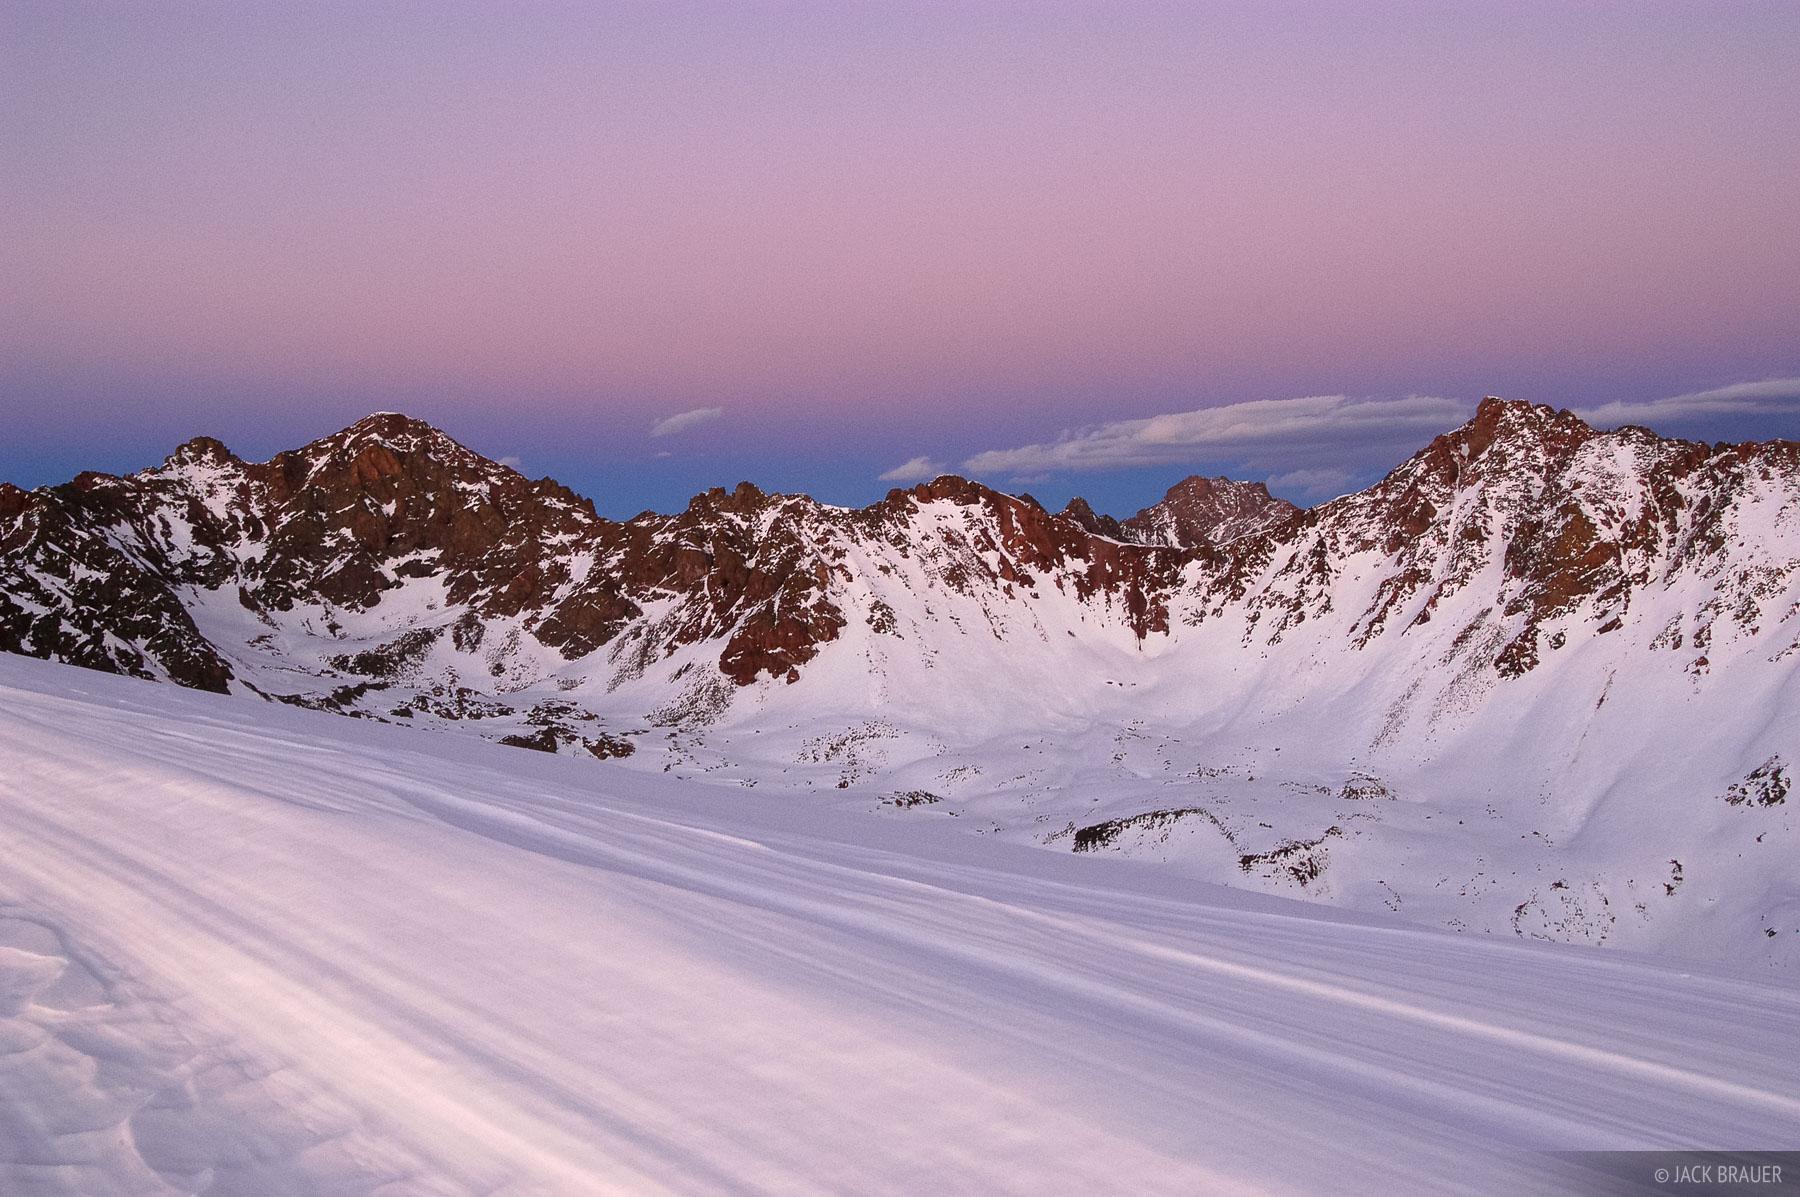 Valhalla, Snow Peak, dusk, Gore Range, Colorado, Eagles Nest Wilderness, photo